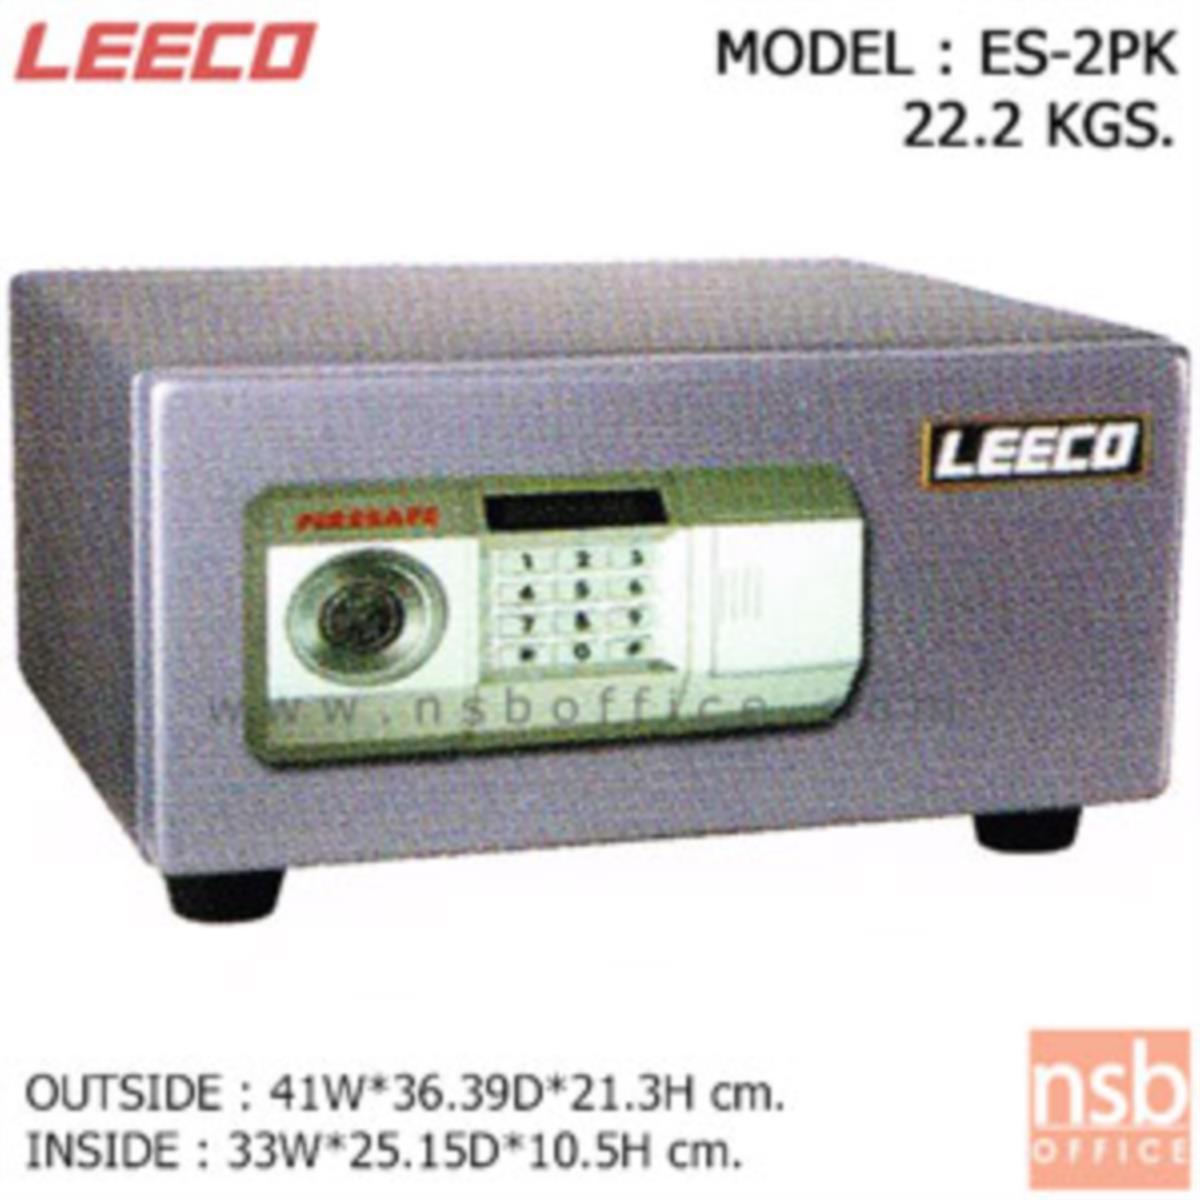 ตู้เซฟขนาดเล็ก 22.2 กก. LEECO รุ่น ES-2PK มี 1 กุญแจ 1 รหัสดิจิตอล